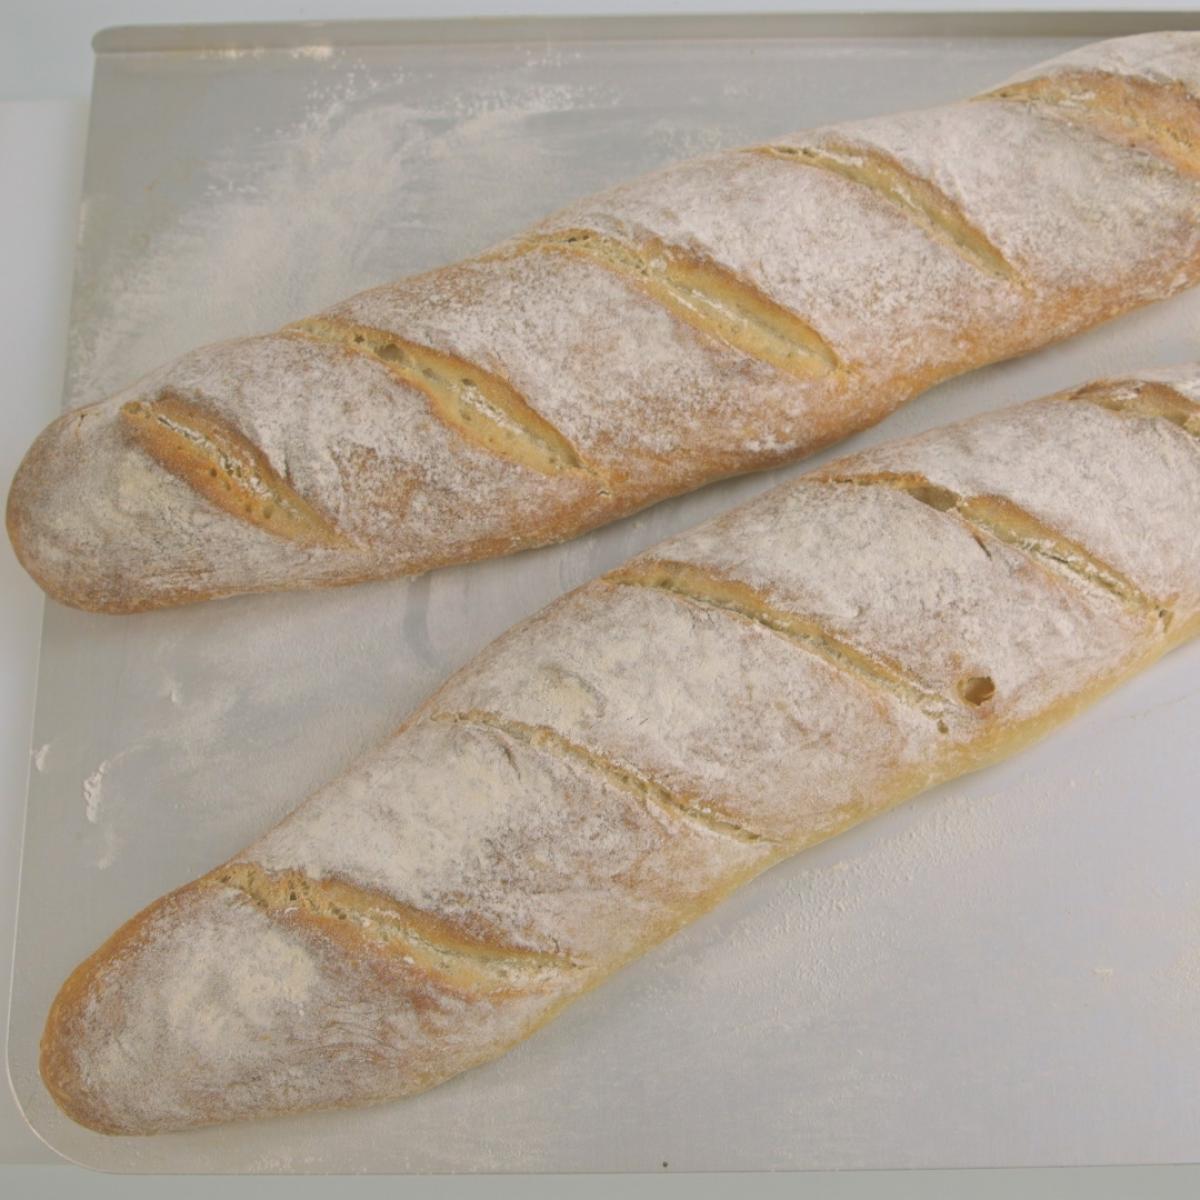 A picture of Delia's French Bread recipe